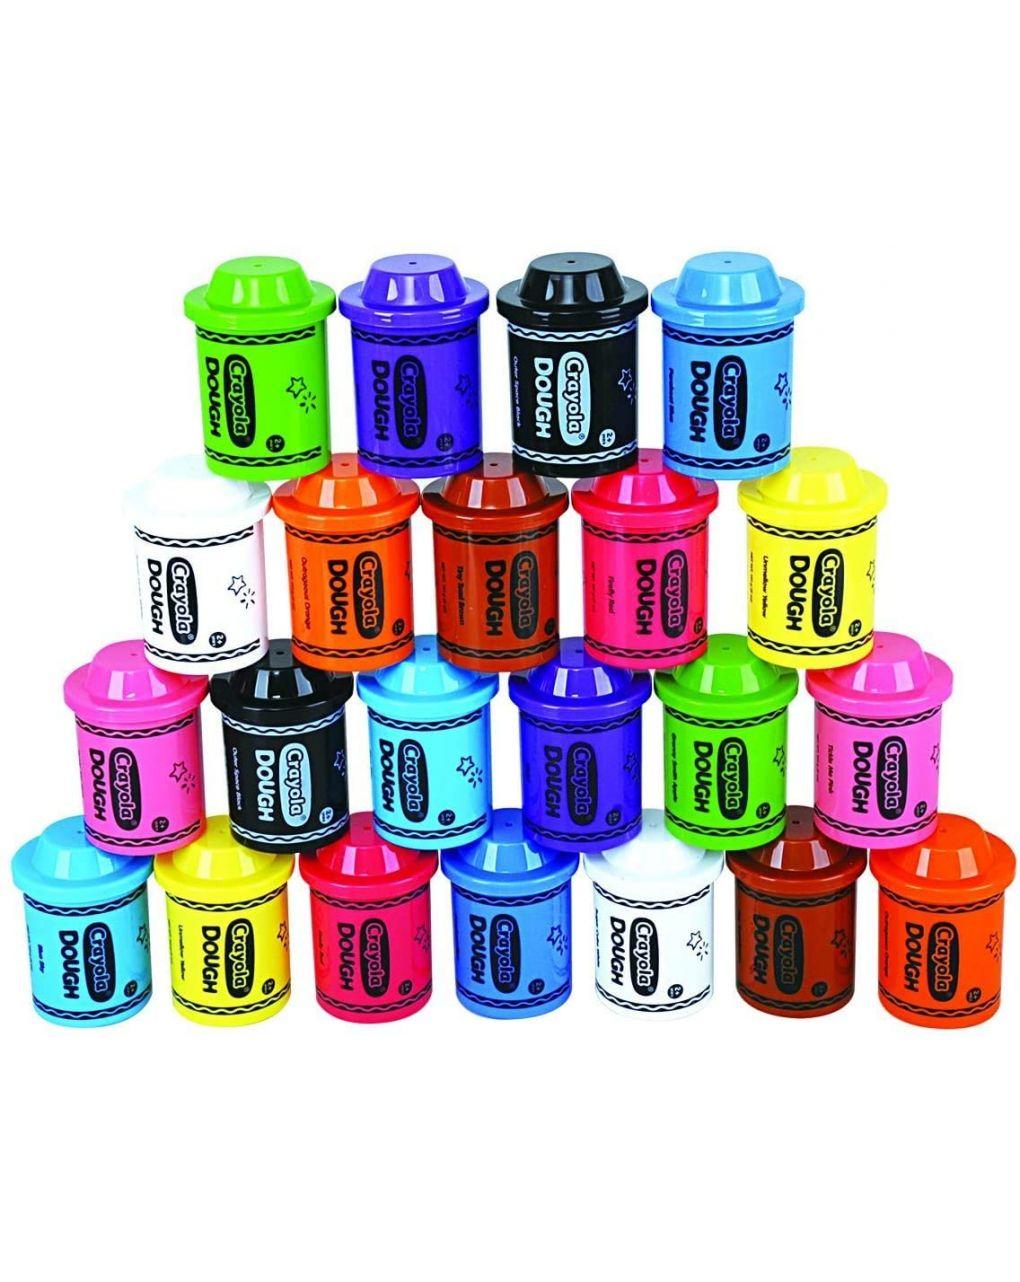 Crayola - barattolo 141 gr pasta da modellare - Crayola